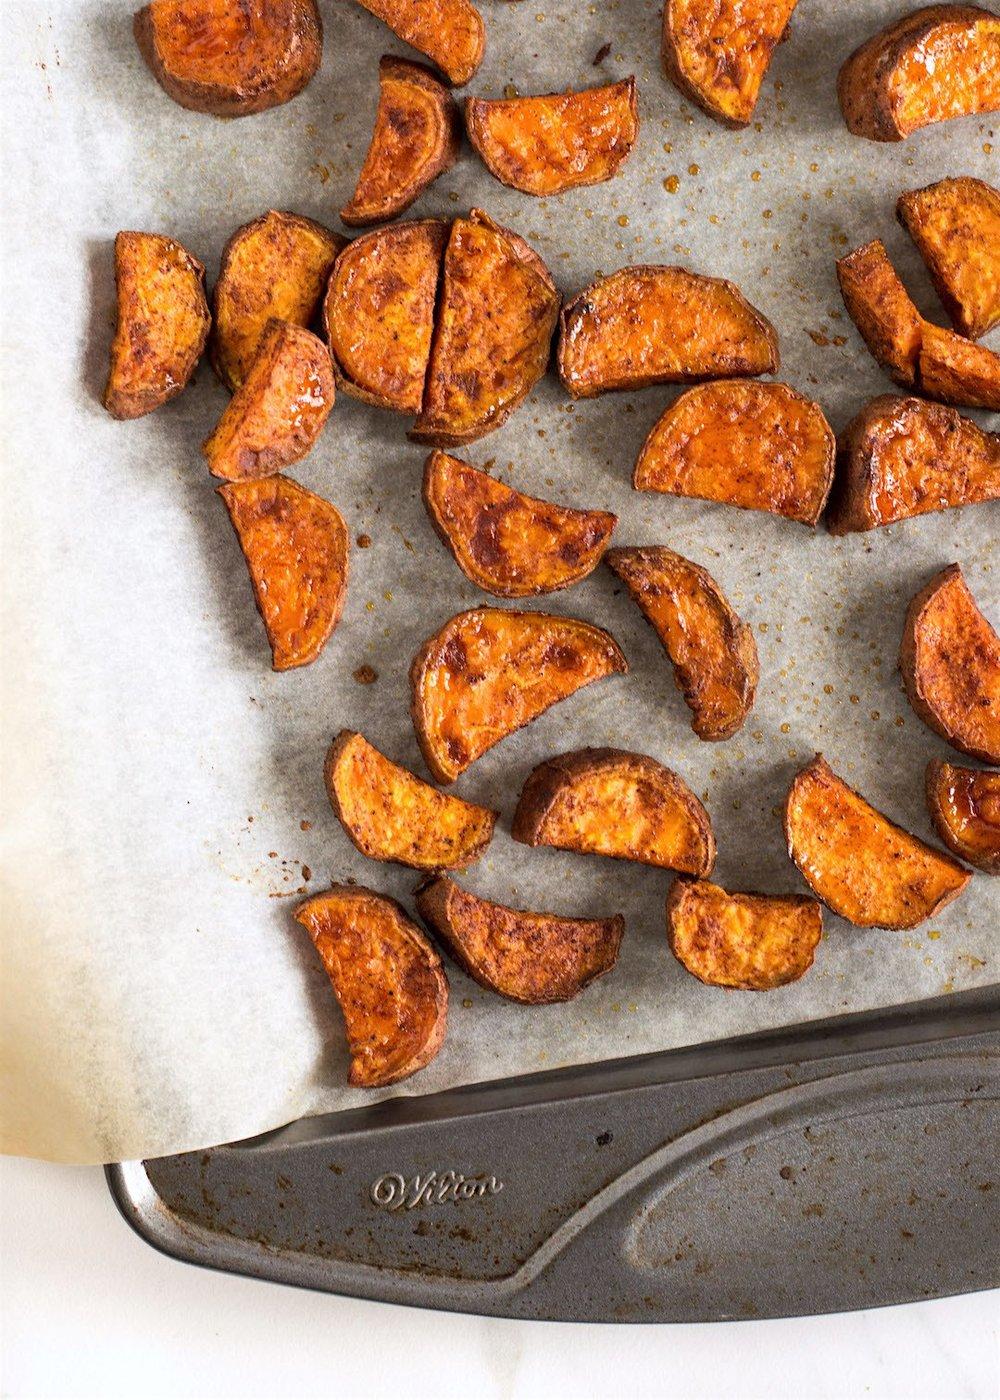 Maple-Cinnamon-Roasted-Sweet-Potatoes-1.jpg